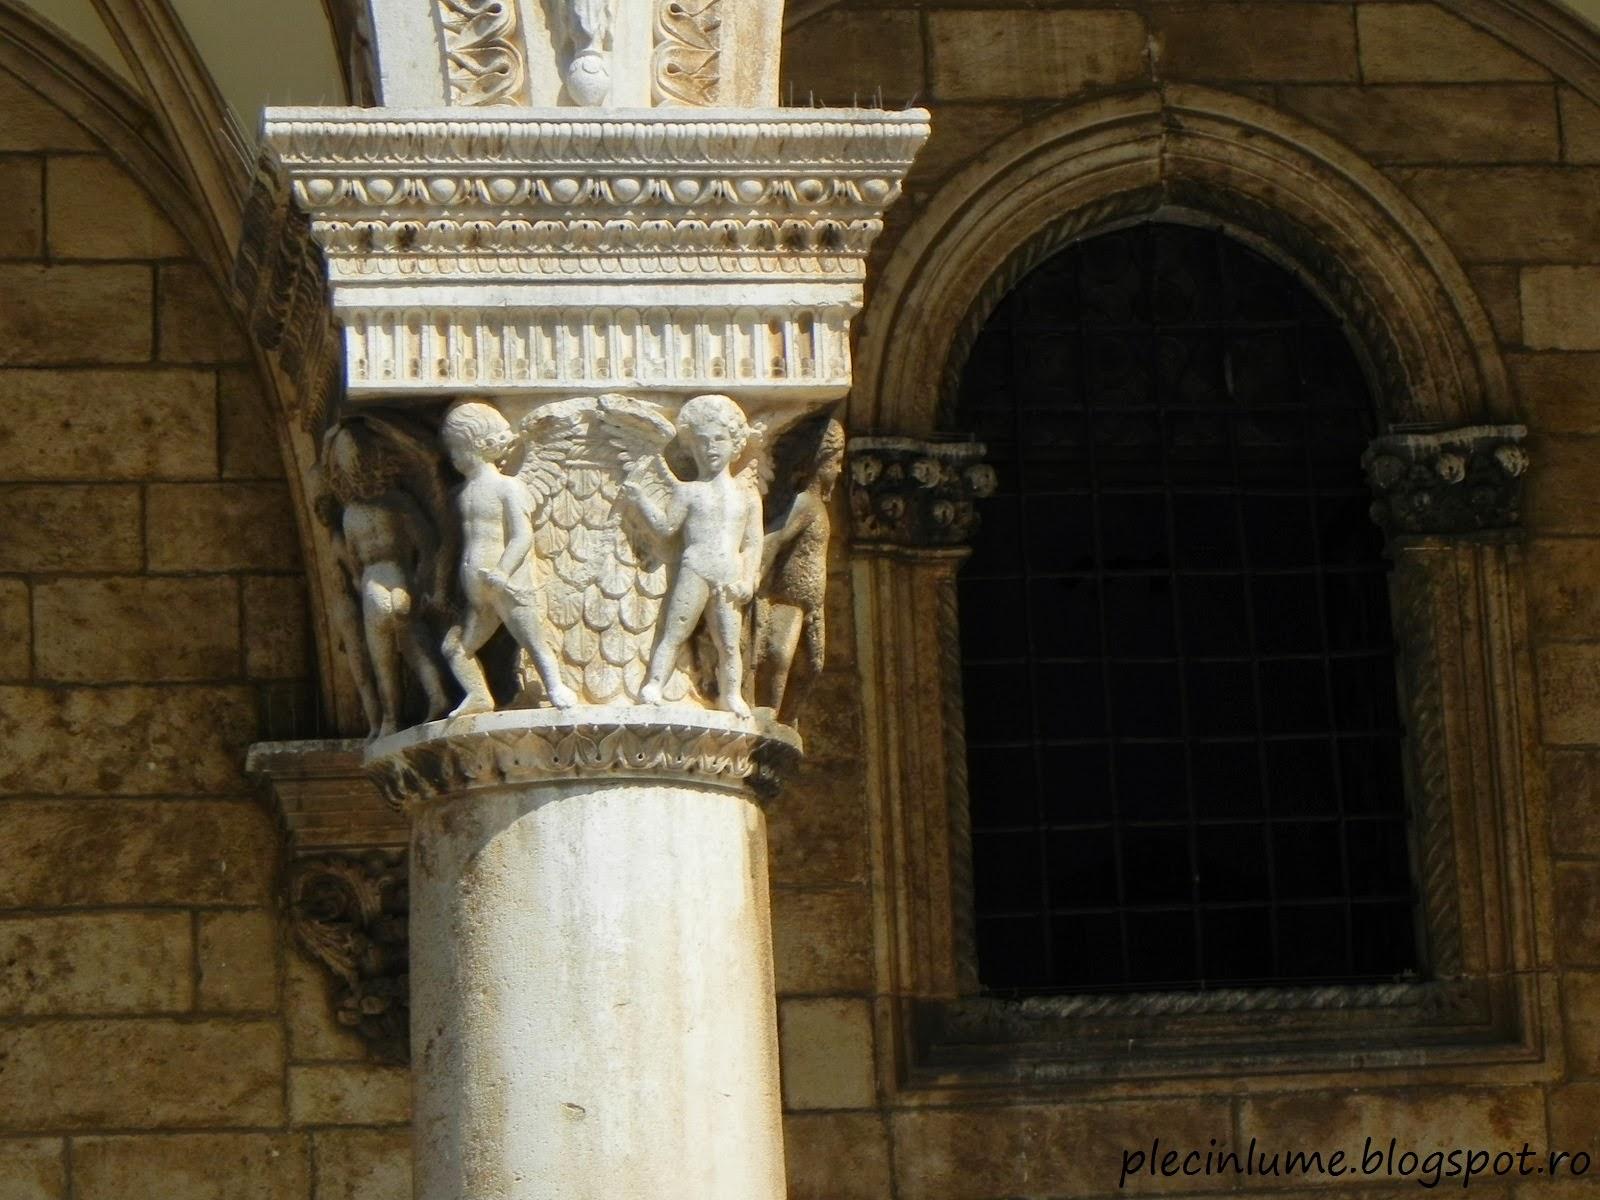 Decoratiuni in piatra, in Dubrovnik